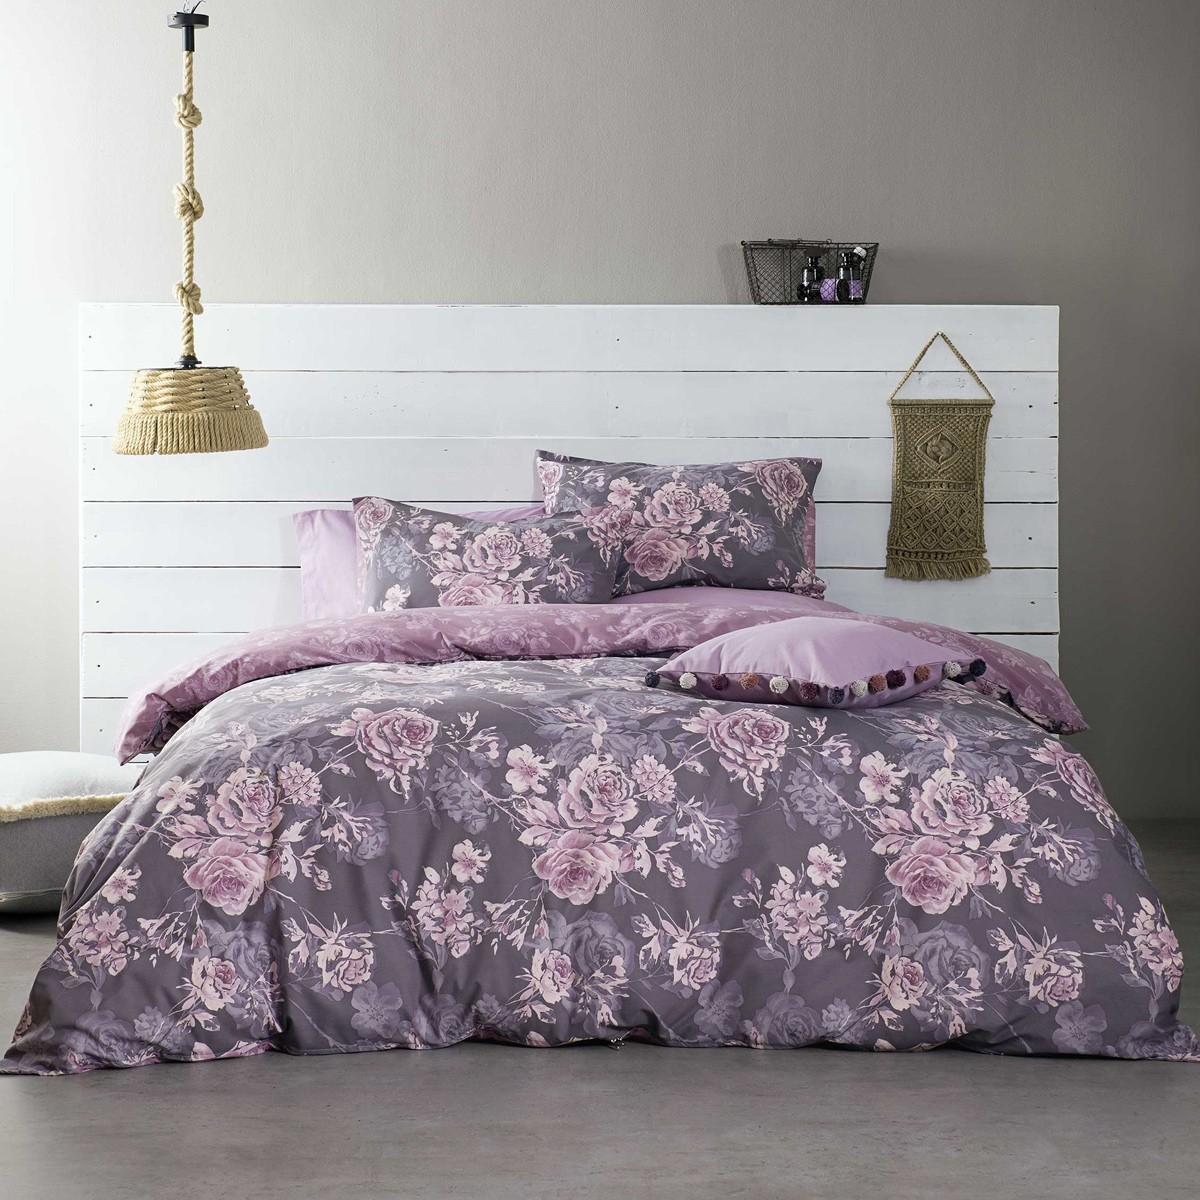 Σεντόνια Υπέρδιπλα (Σετ) Nima Bed Linen Carmen Purple ΜΕ ΛΑΣΤΙΧΟ ΜΕ ΛΑΣΤΙΧΟ